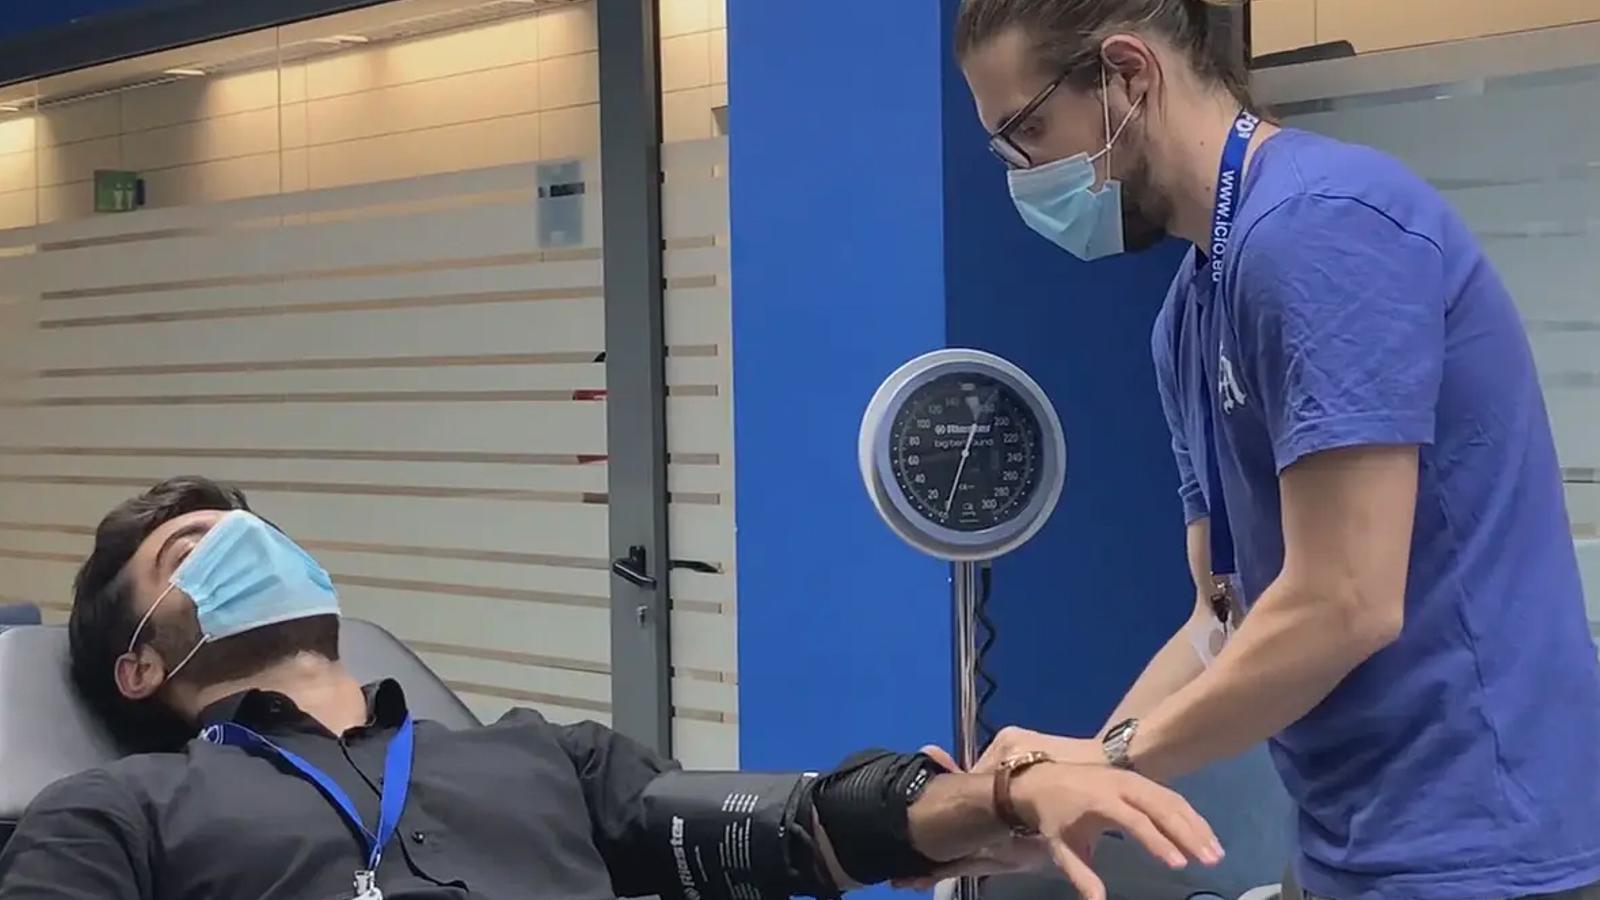 Marco Pagliazzi (de peu) i Umut Karadeniz (fent de pacient), investigadors de l'ICFO de l'equip de Turgut Durduran, fent una prova amb el dispositiu fotónic.